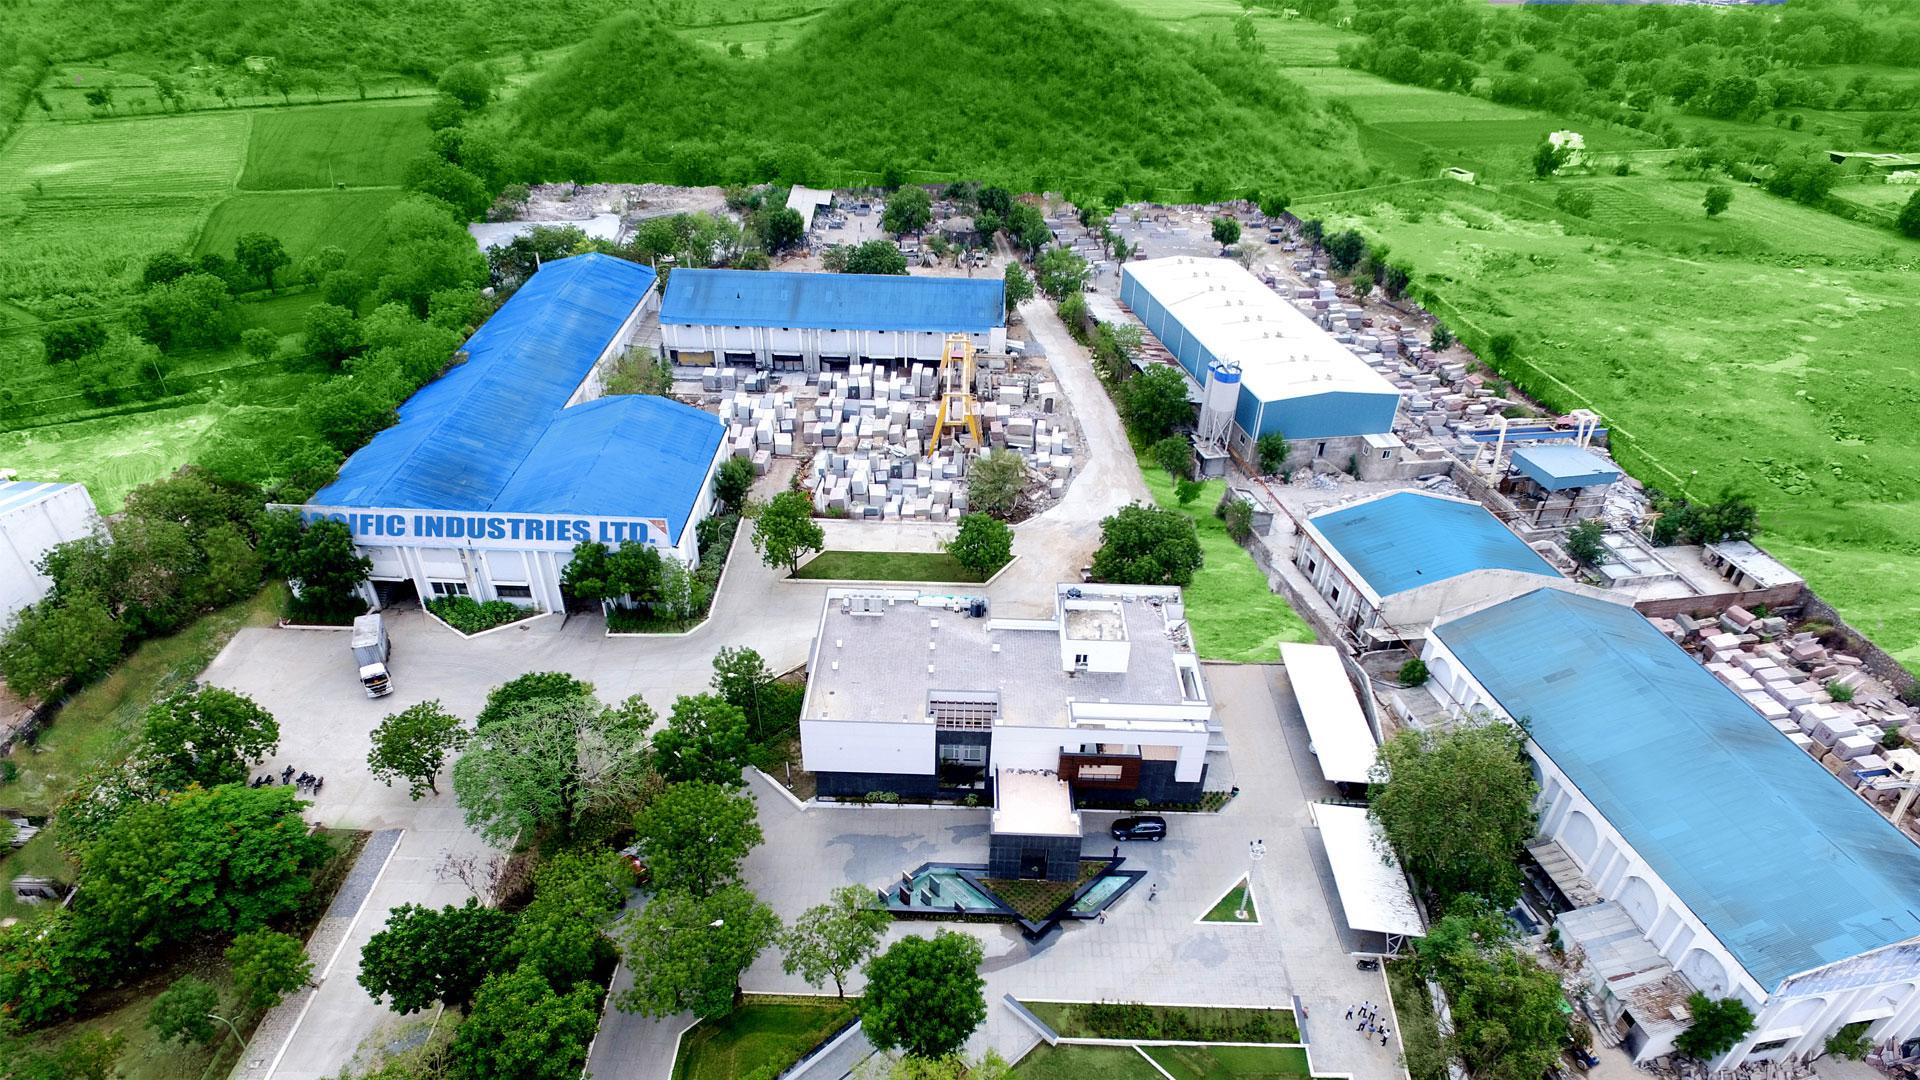 Pacific Industries Ltd..